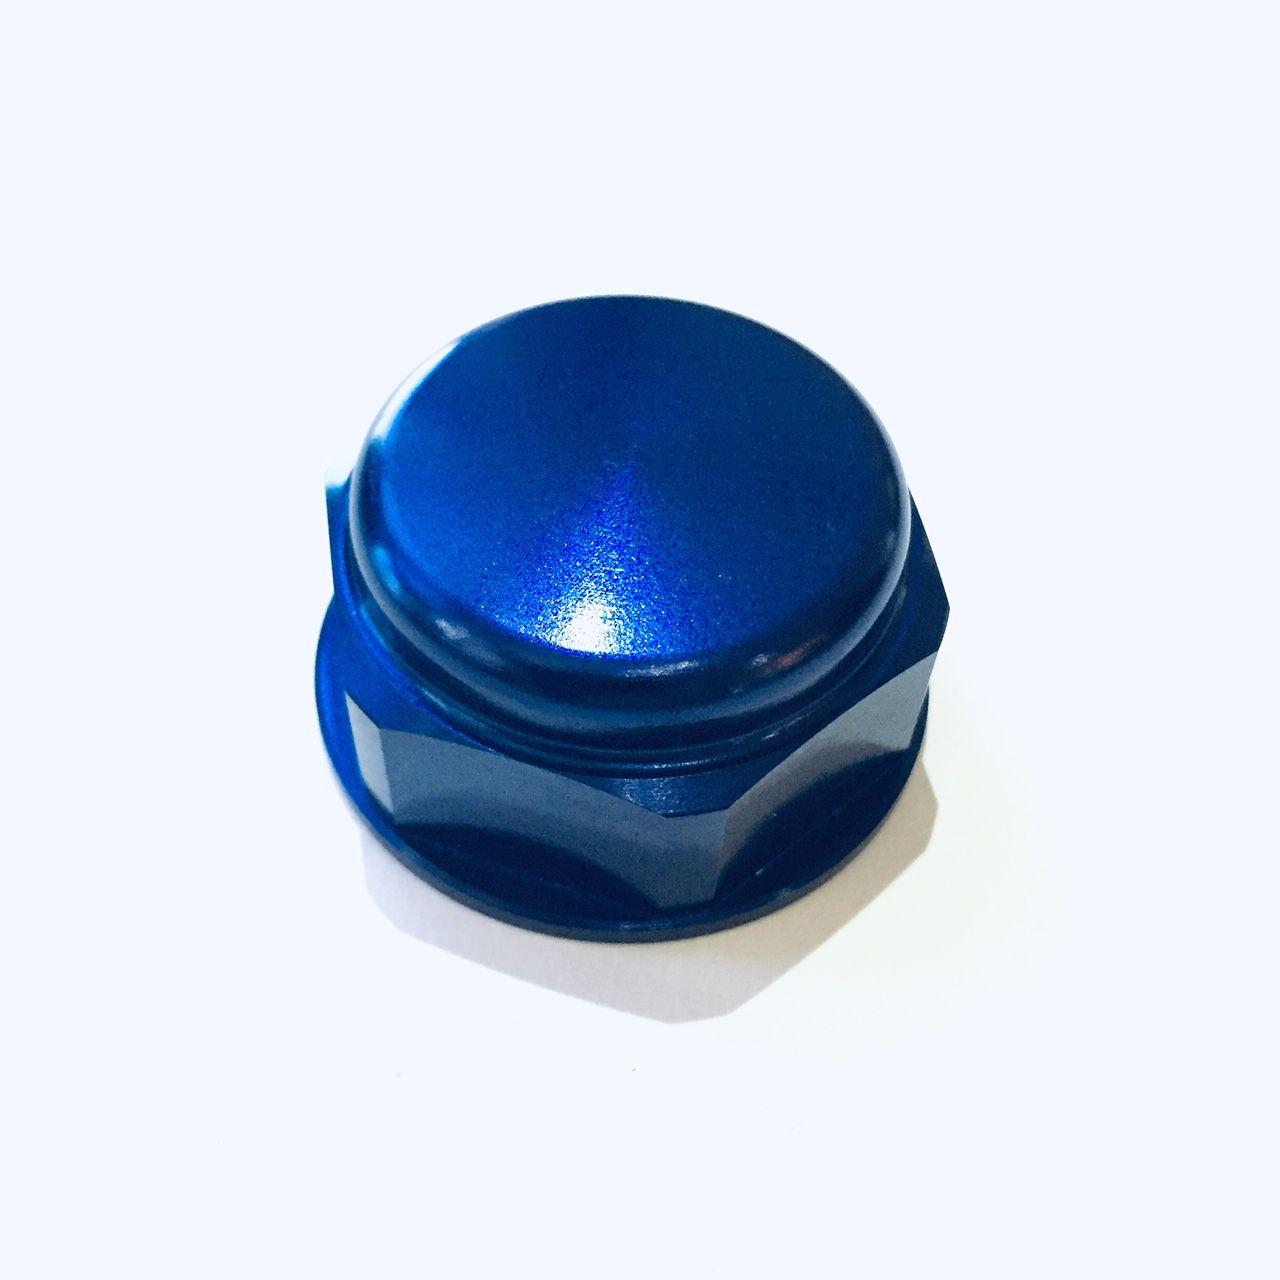 Porca central da mesa 22mm x 1.00mm Fechada Azul